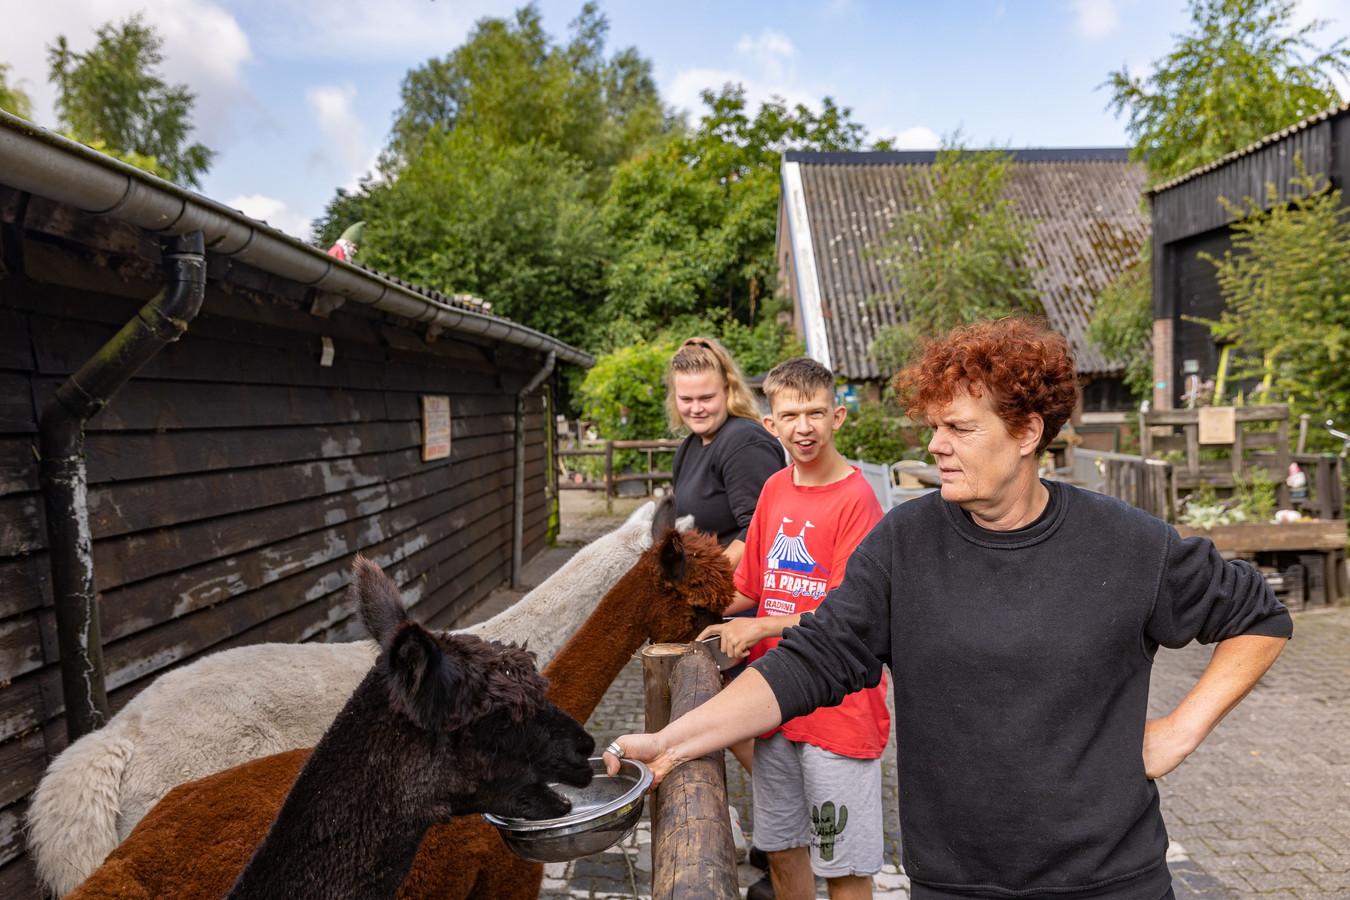 Teun's Hoeve is een zorgboerderij en boerencamping in het buitengebied van Balkbrug. Dit weekeinde houden ze een open dag, om meer bekendheid te krijgen. Dat is ook wel nodig, want de locatie is allesbehalve prettig gelegen, nadat een weg is afgesloten. Eigenaresse Sandra van Munster (voorgrond), hulpboer Pim van den Brink en begeleidster Ilse Zomer merken dat spontane aanloop afneemt.